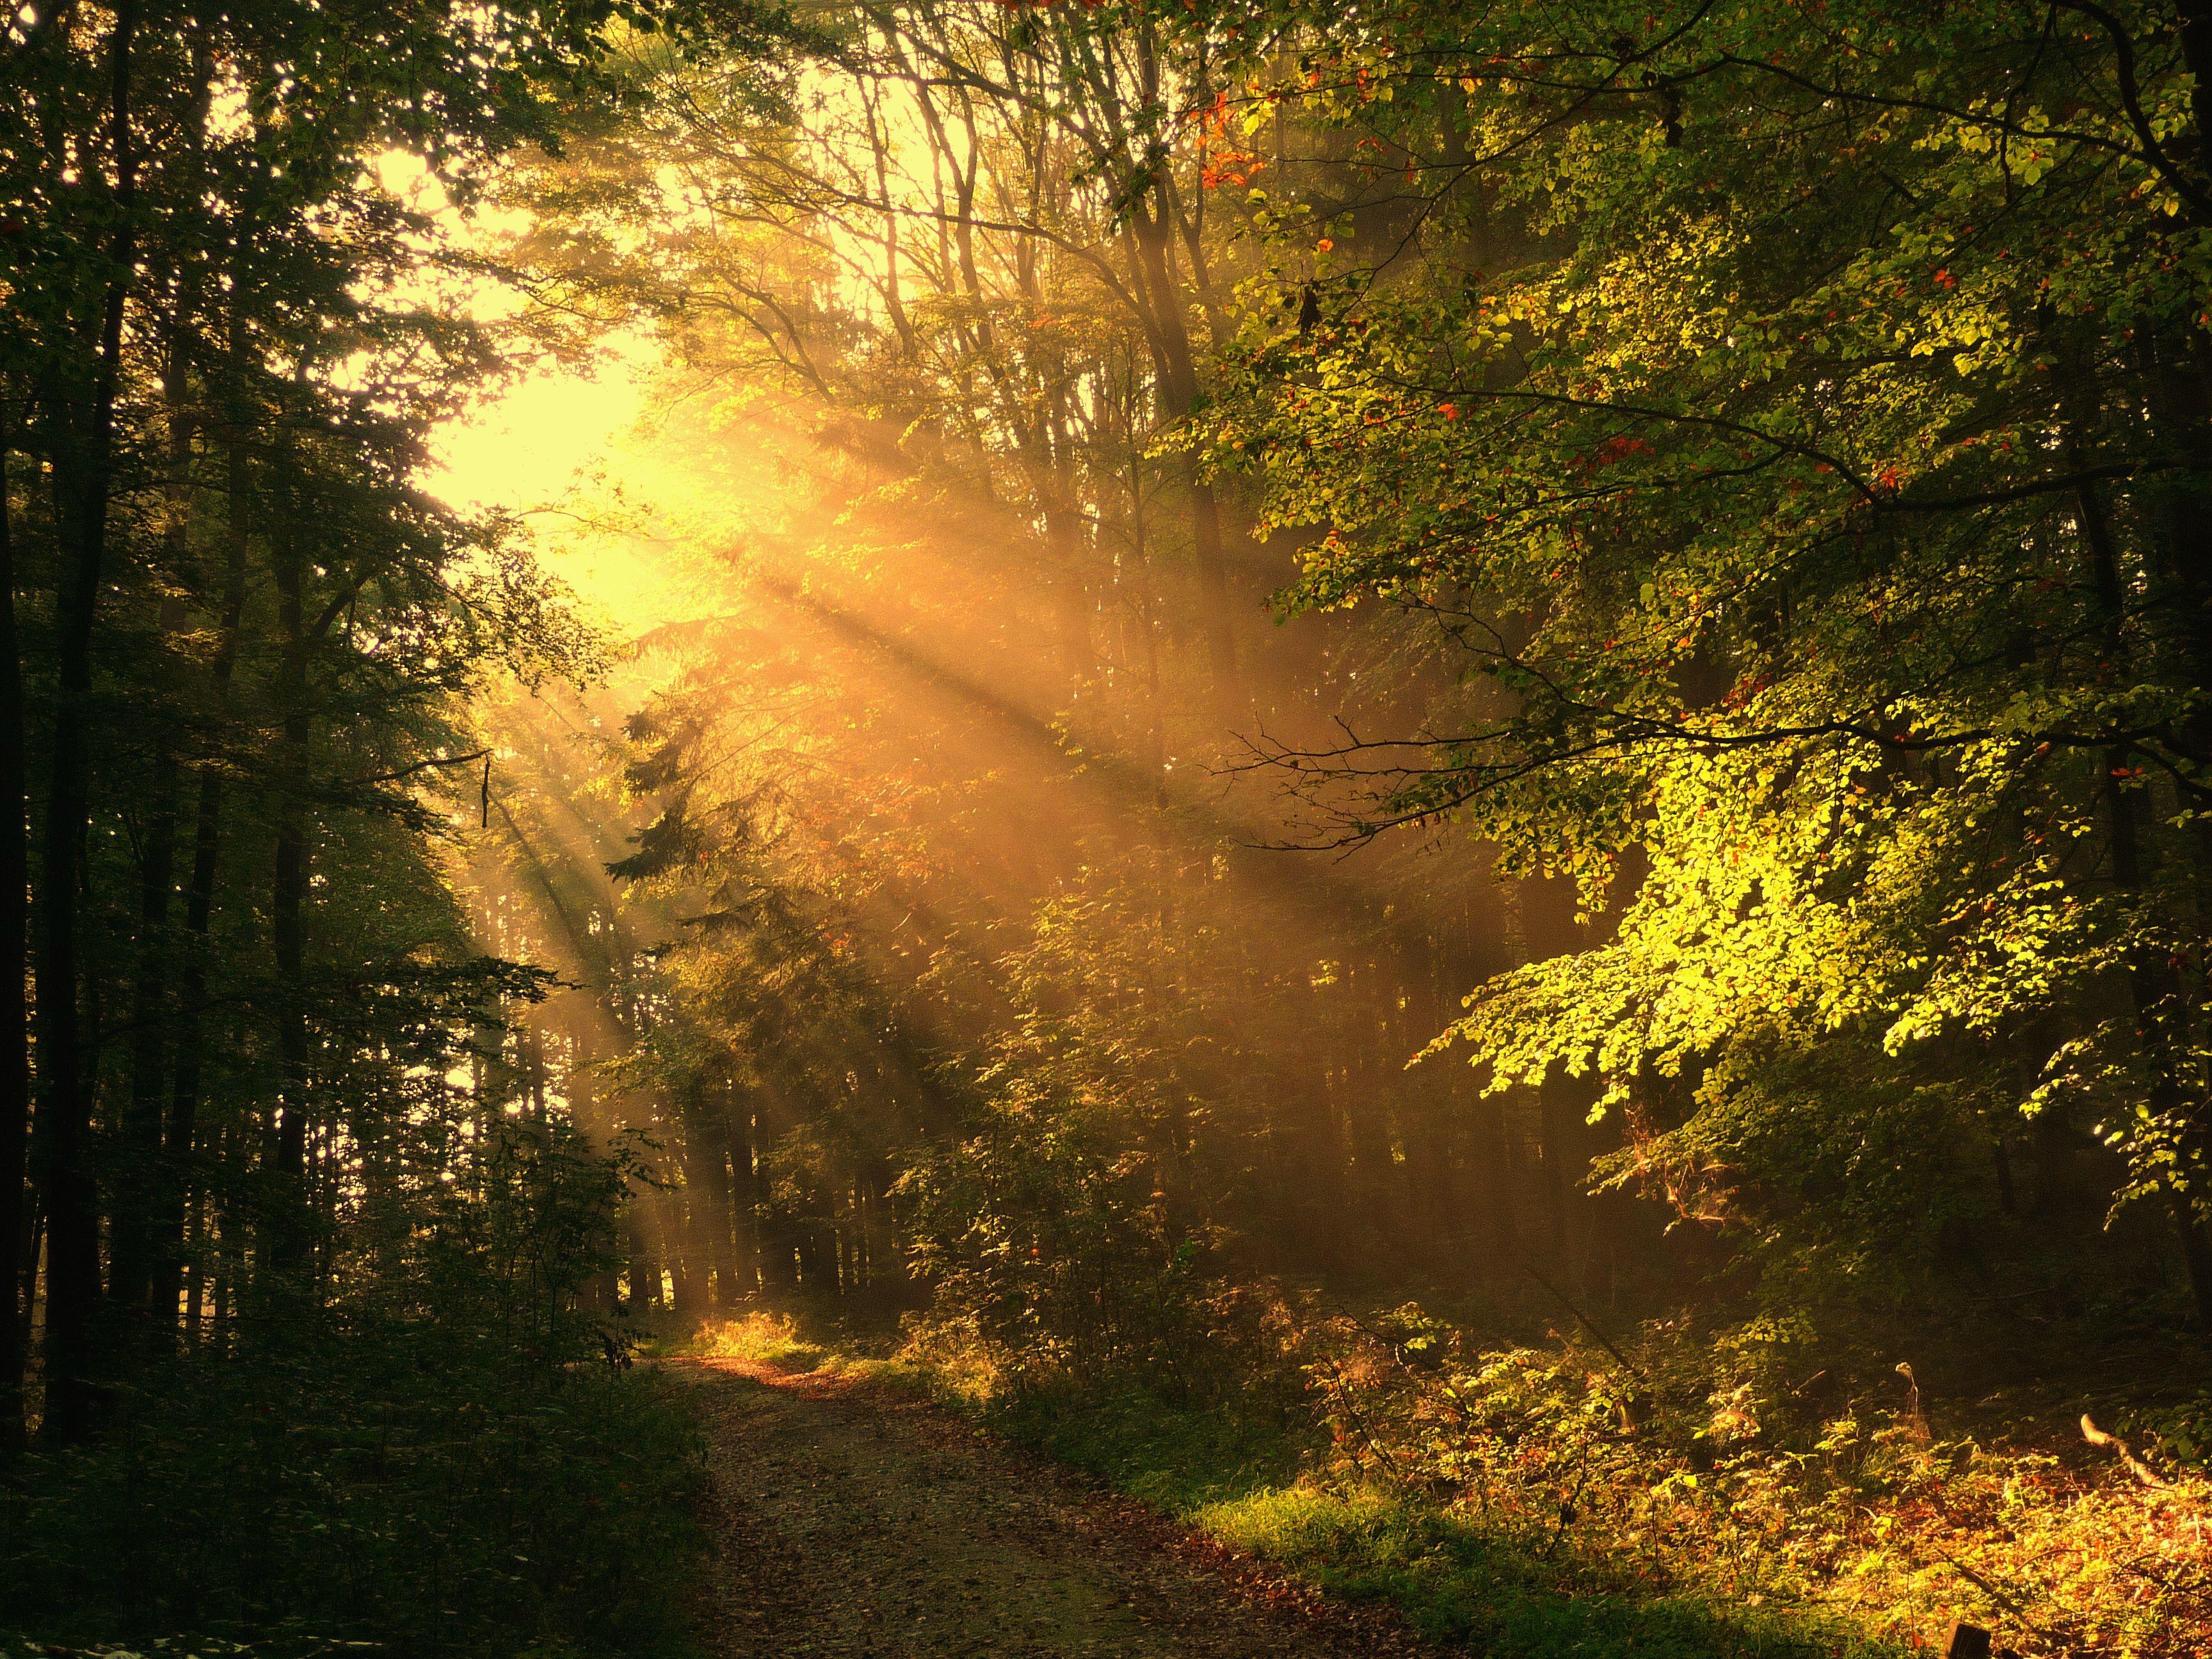 Картинки лучи солнца сквозь листву